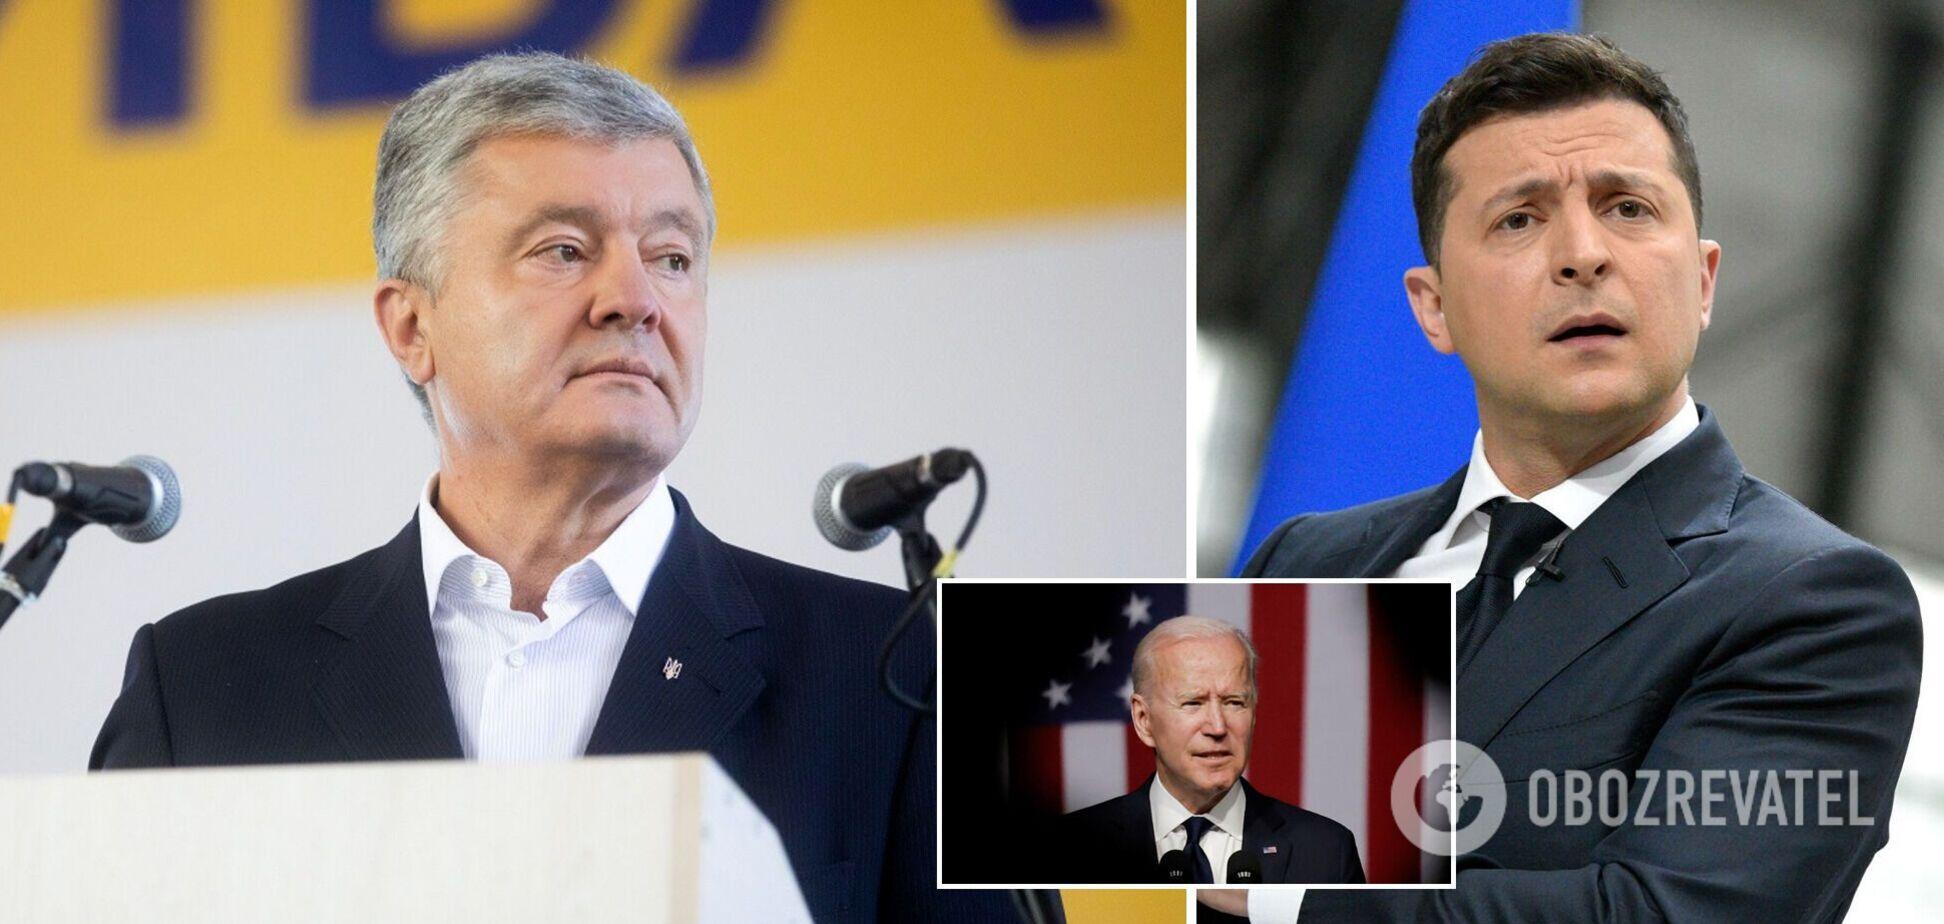 Порошенко о разговоре Зеленского и Байдена: когда речь идет об интересах Украины, мы одна национальная сборная